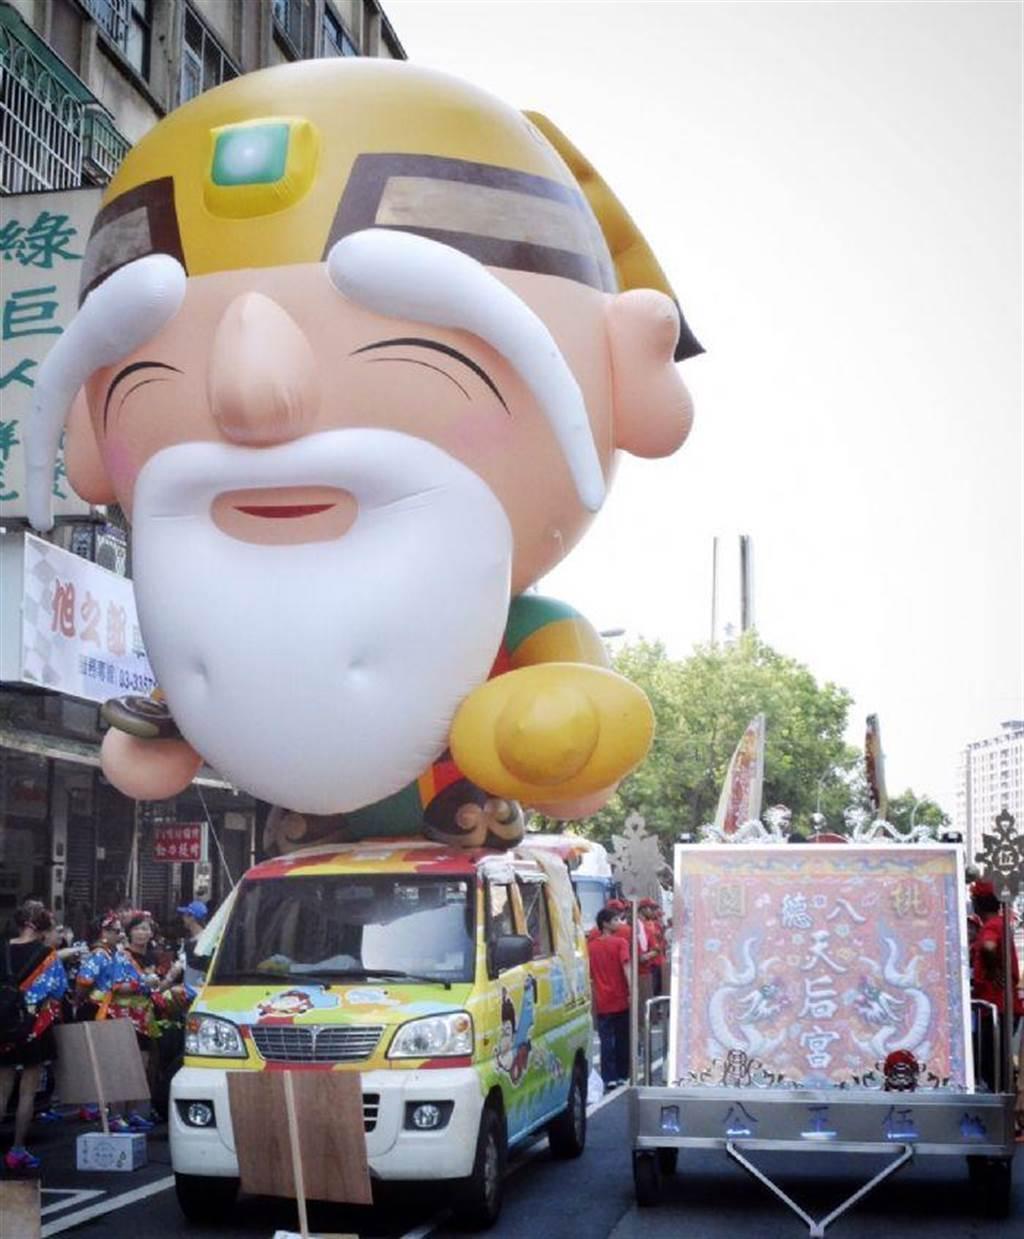 土地公文化節活動23日舉行踩街繞境祈福。(甘嘉雯翻攝)